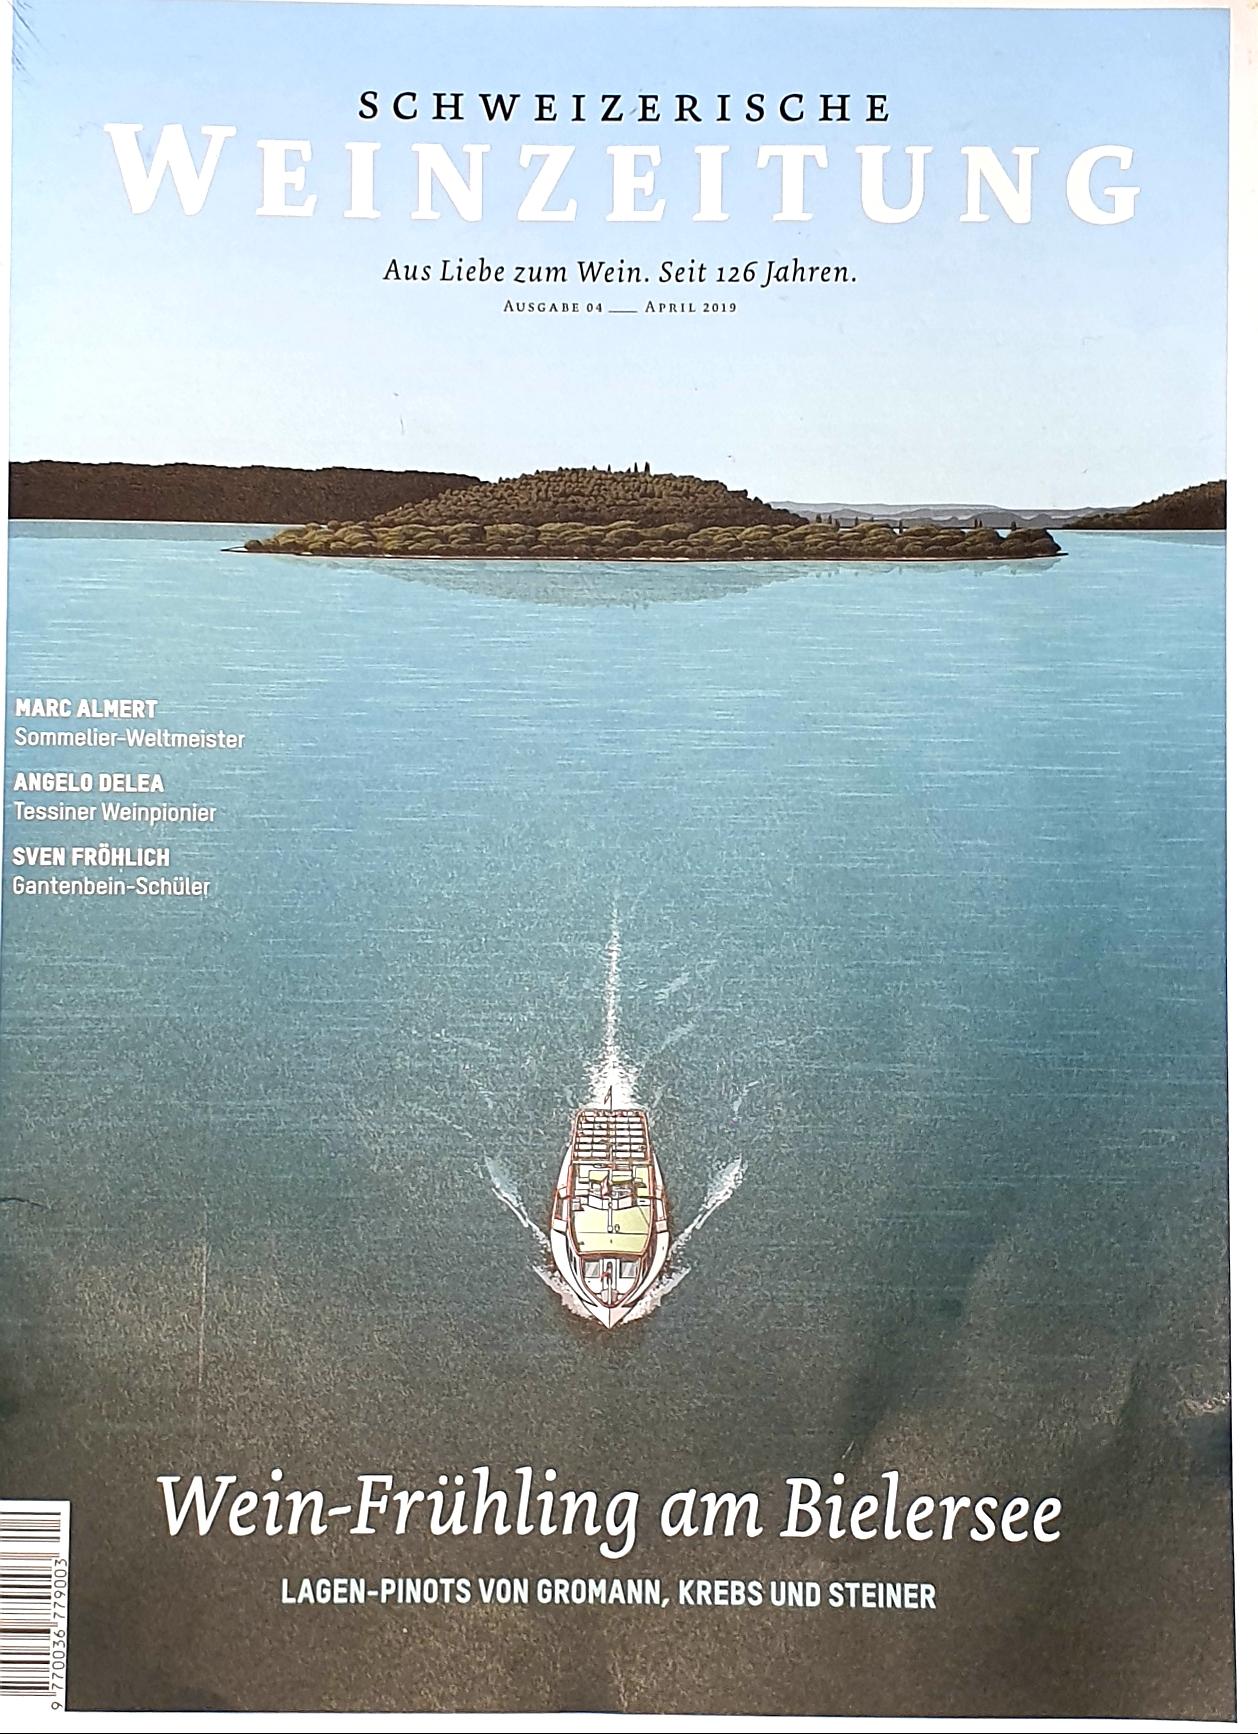 Titelseite Schweizerische Weinzeitung. Wein-Frühling am Bielersee. Lagen-Pinots von Gromann, Krebs und Steiner